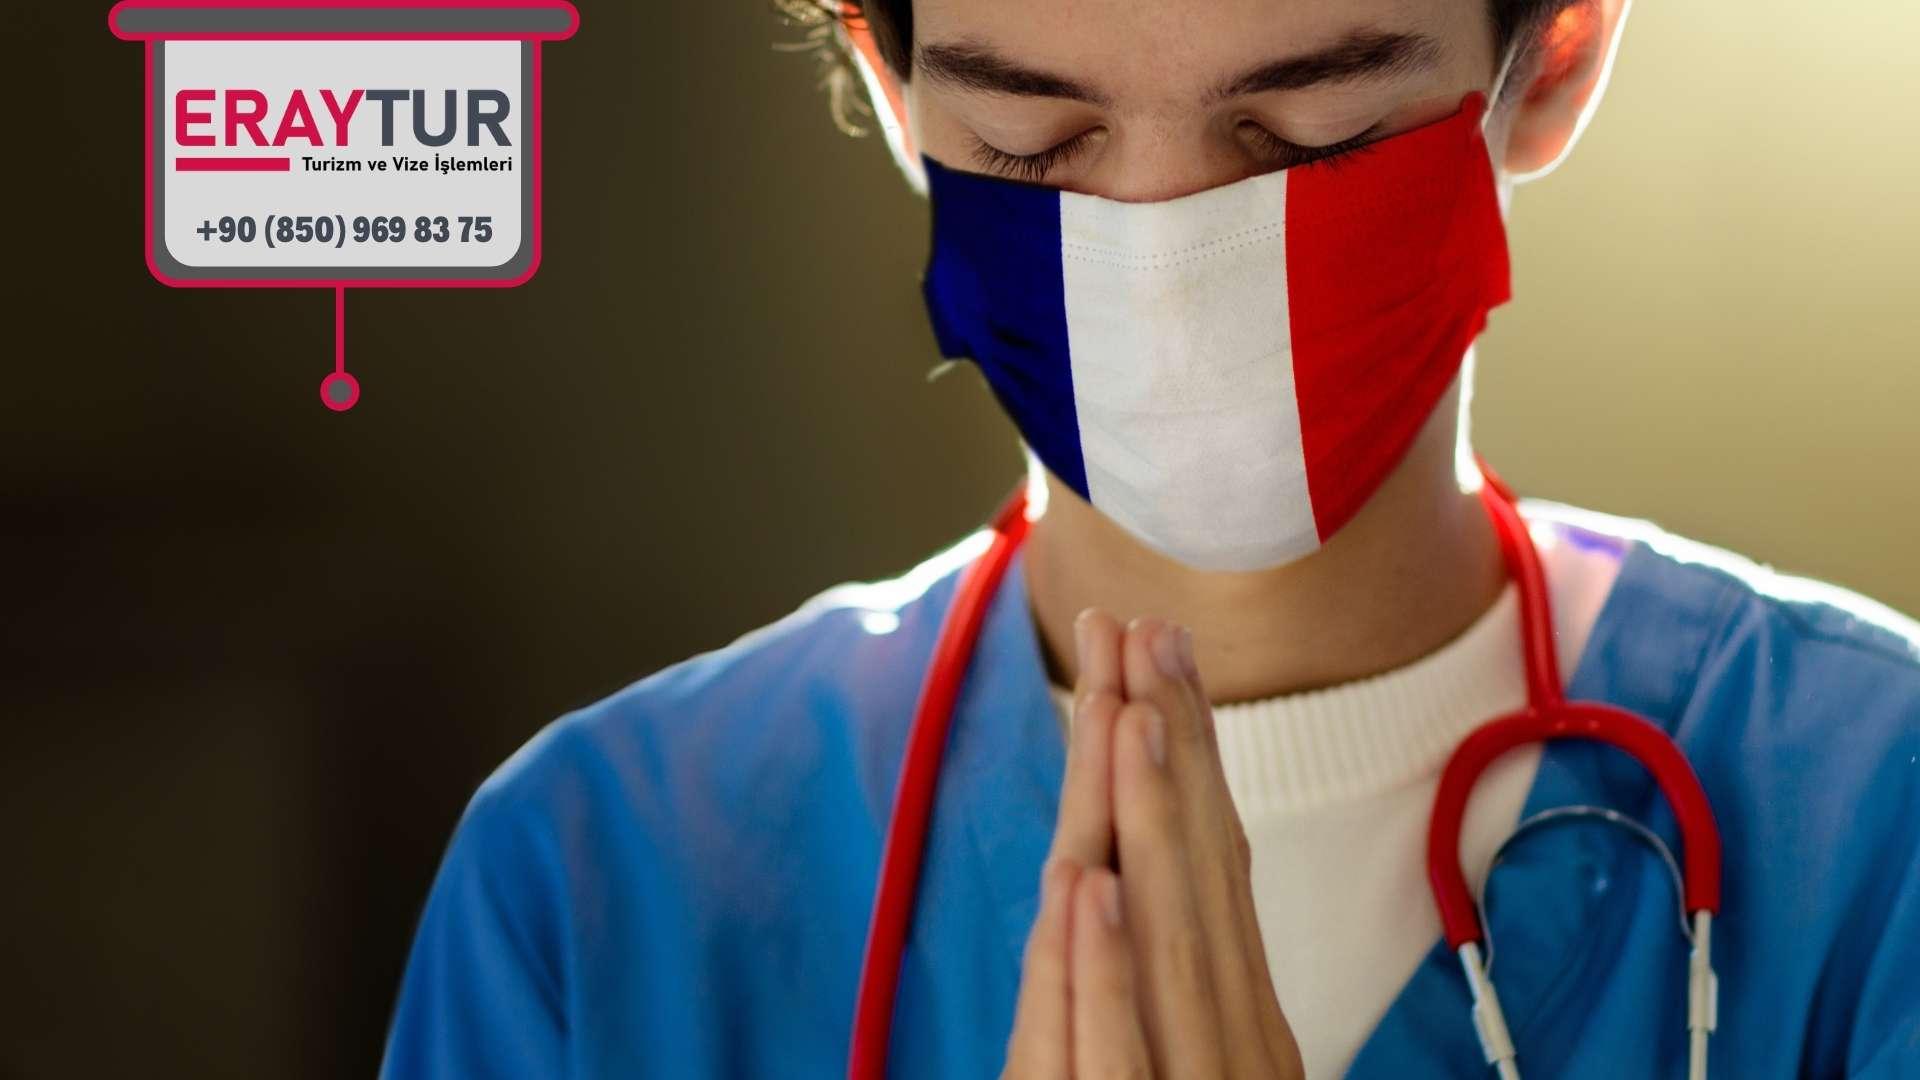 Fransa Turistik Vize Avukat/Eczacı/Doktor/Mühendis Evrakları